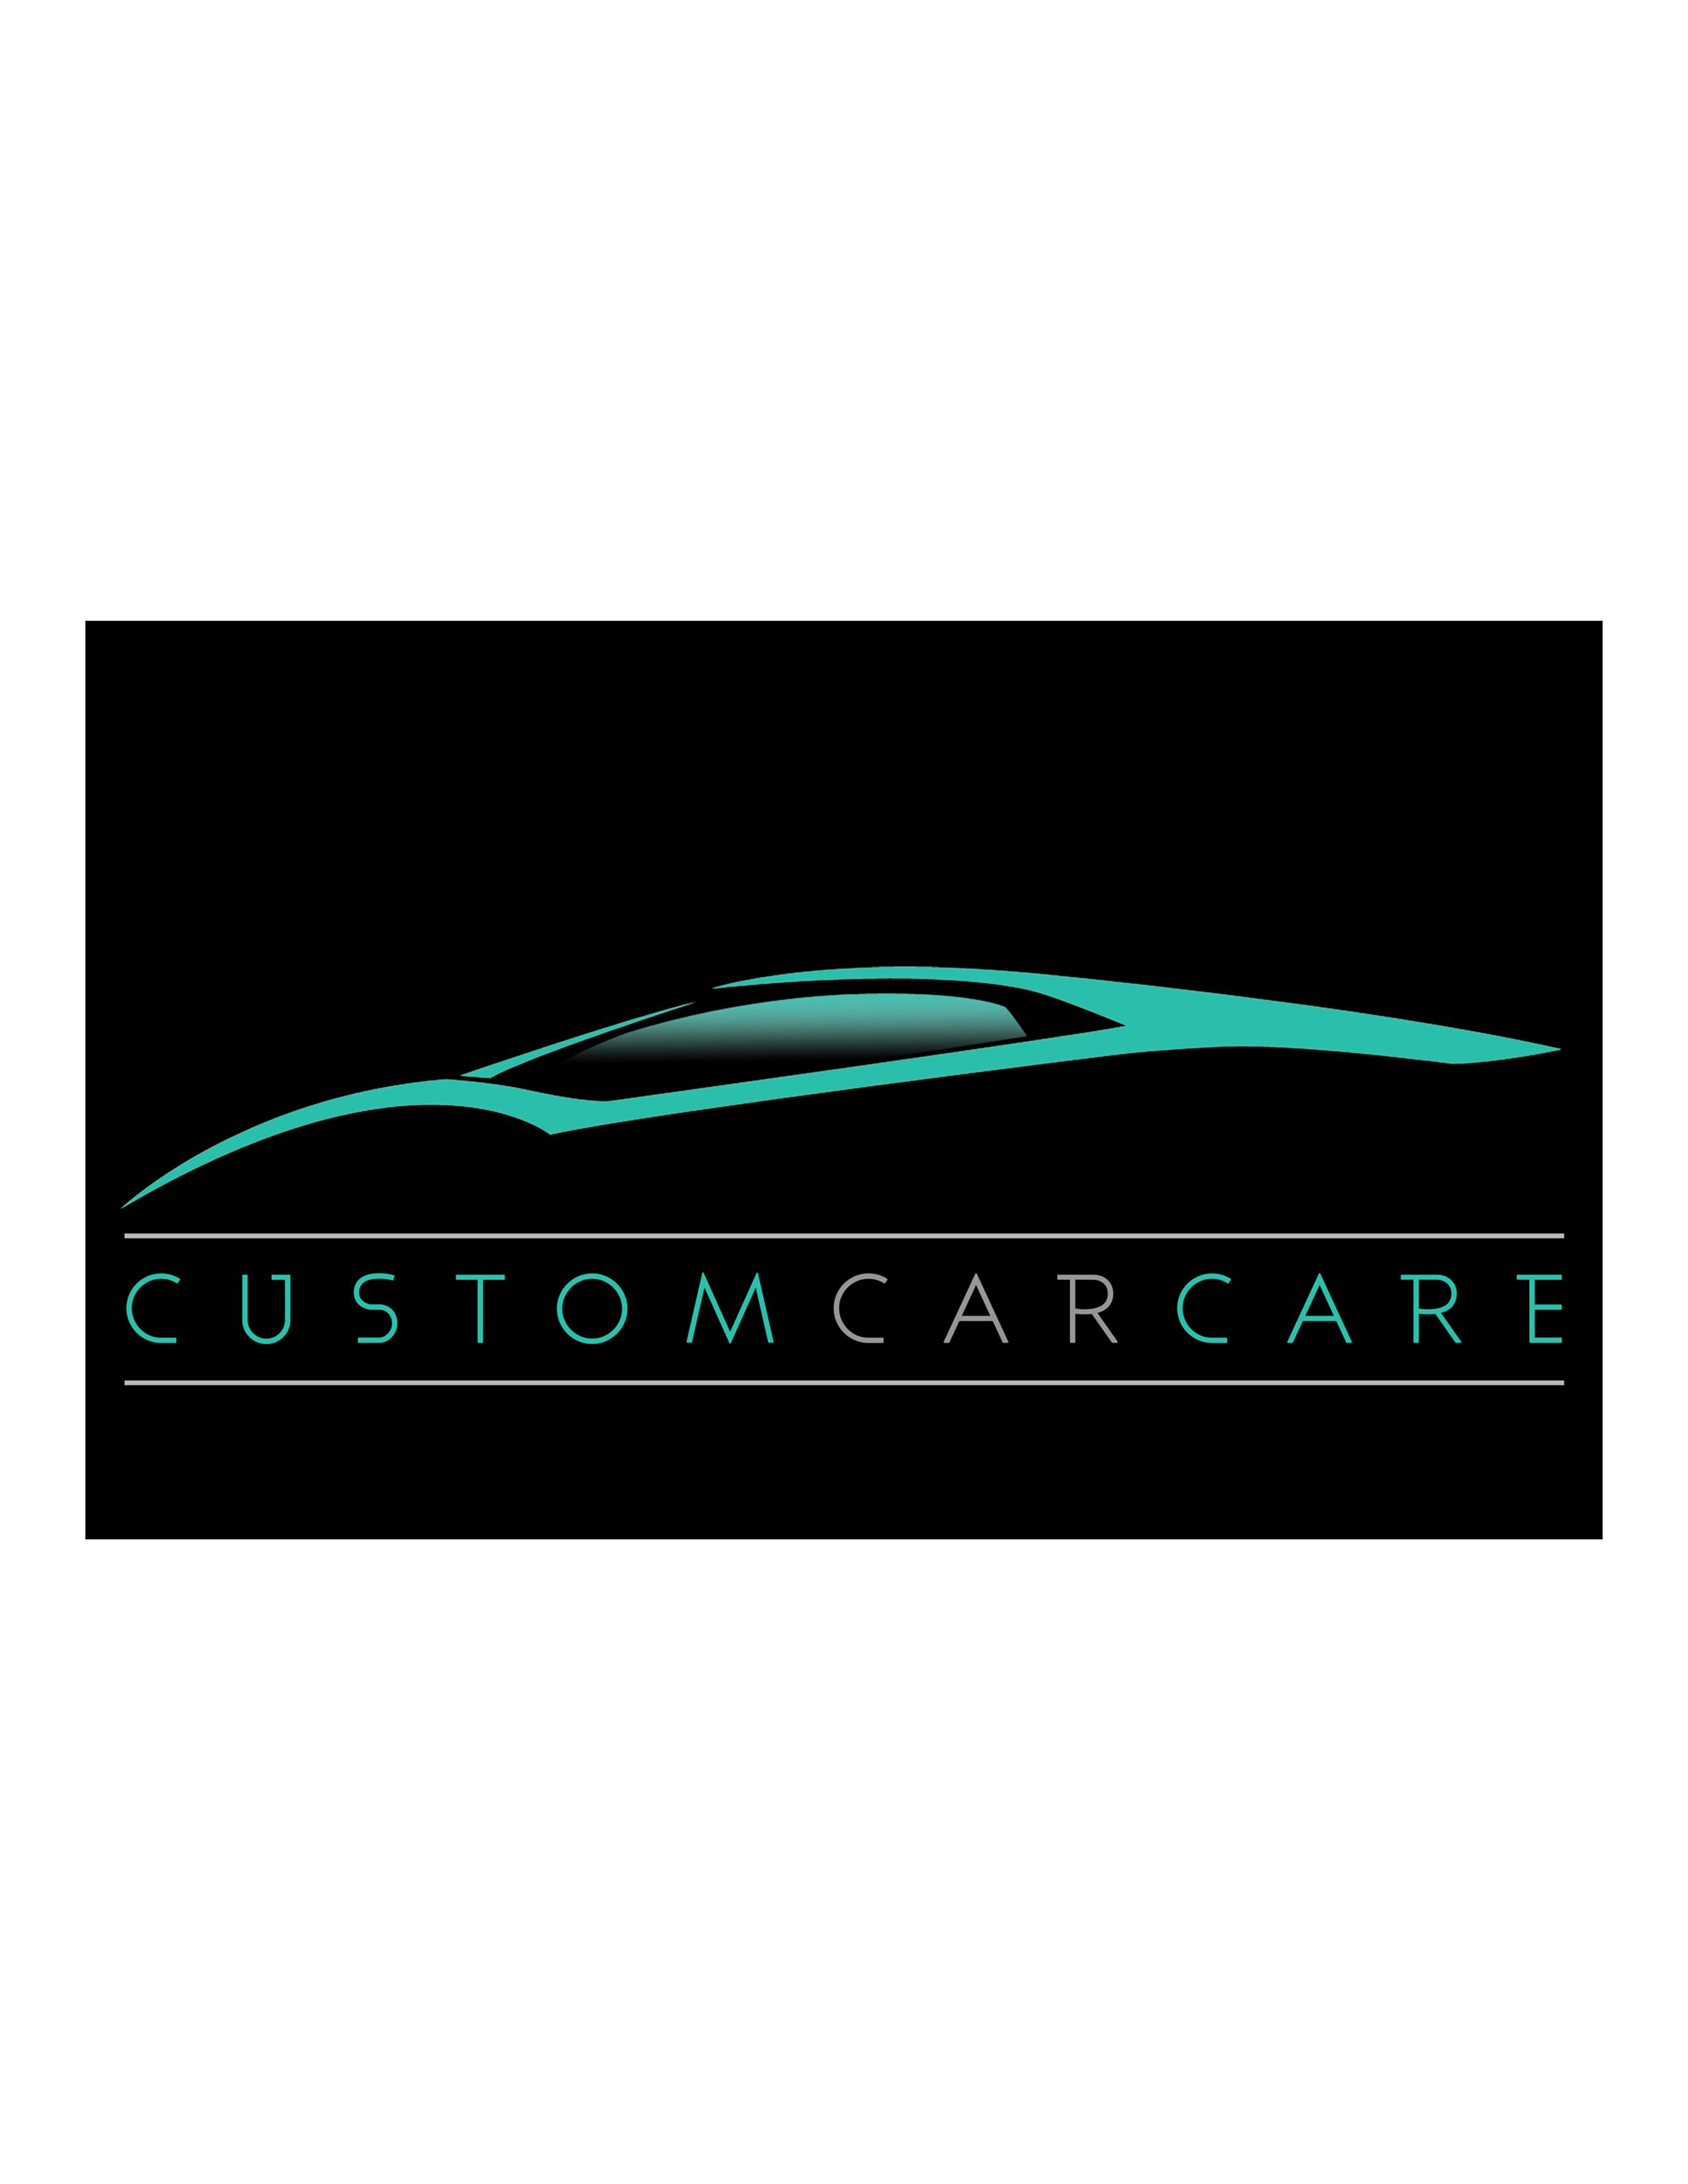 Custom Car Care - Auto Detailing